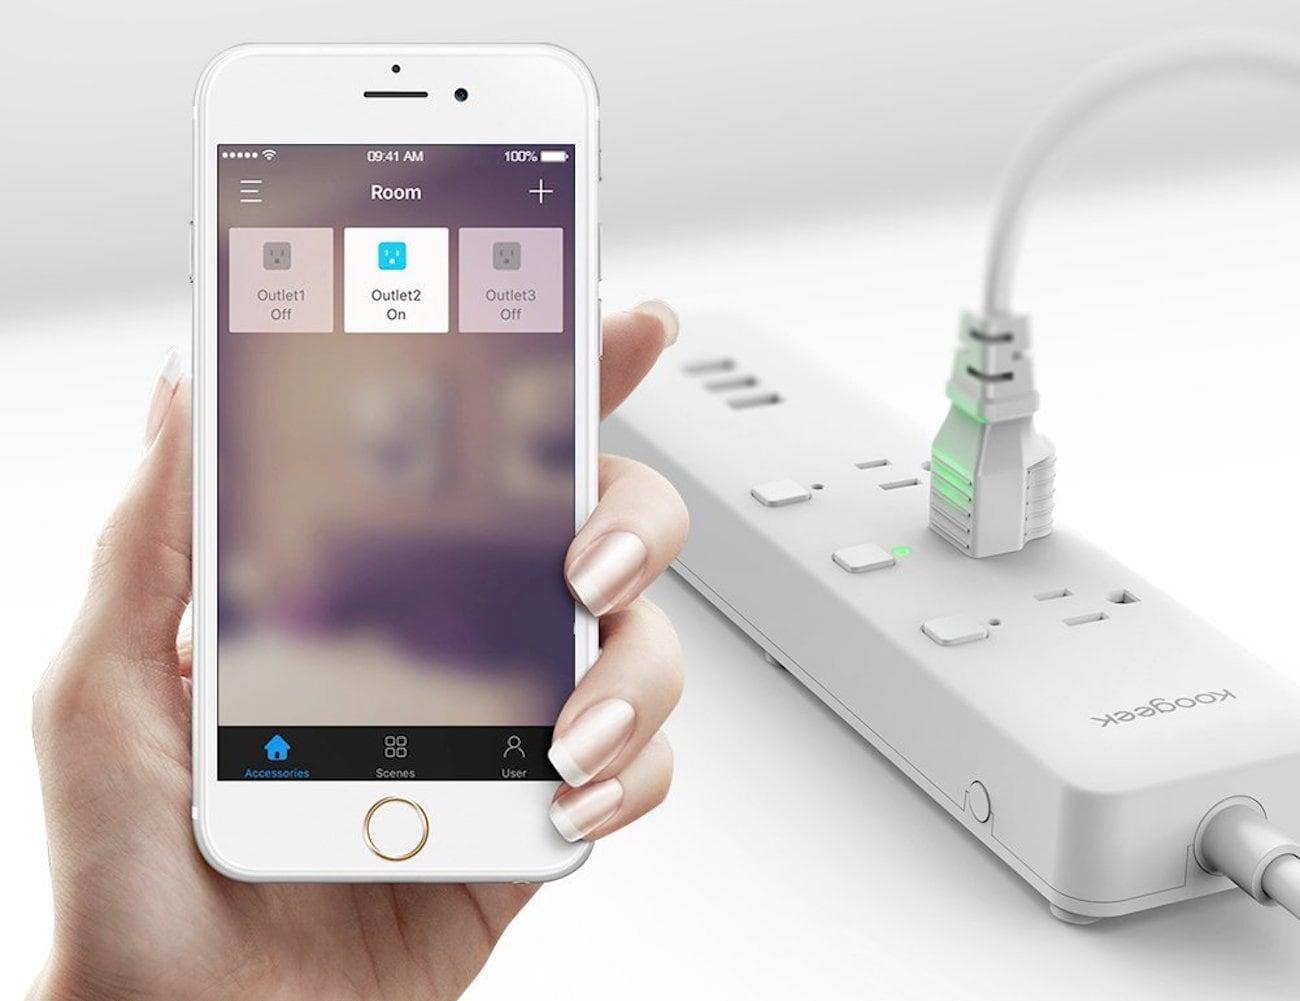 Koogeek Smart Wi-Fi Power Strip